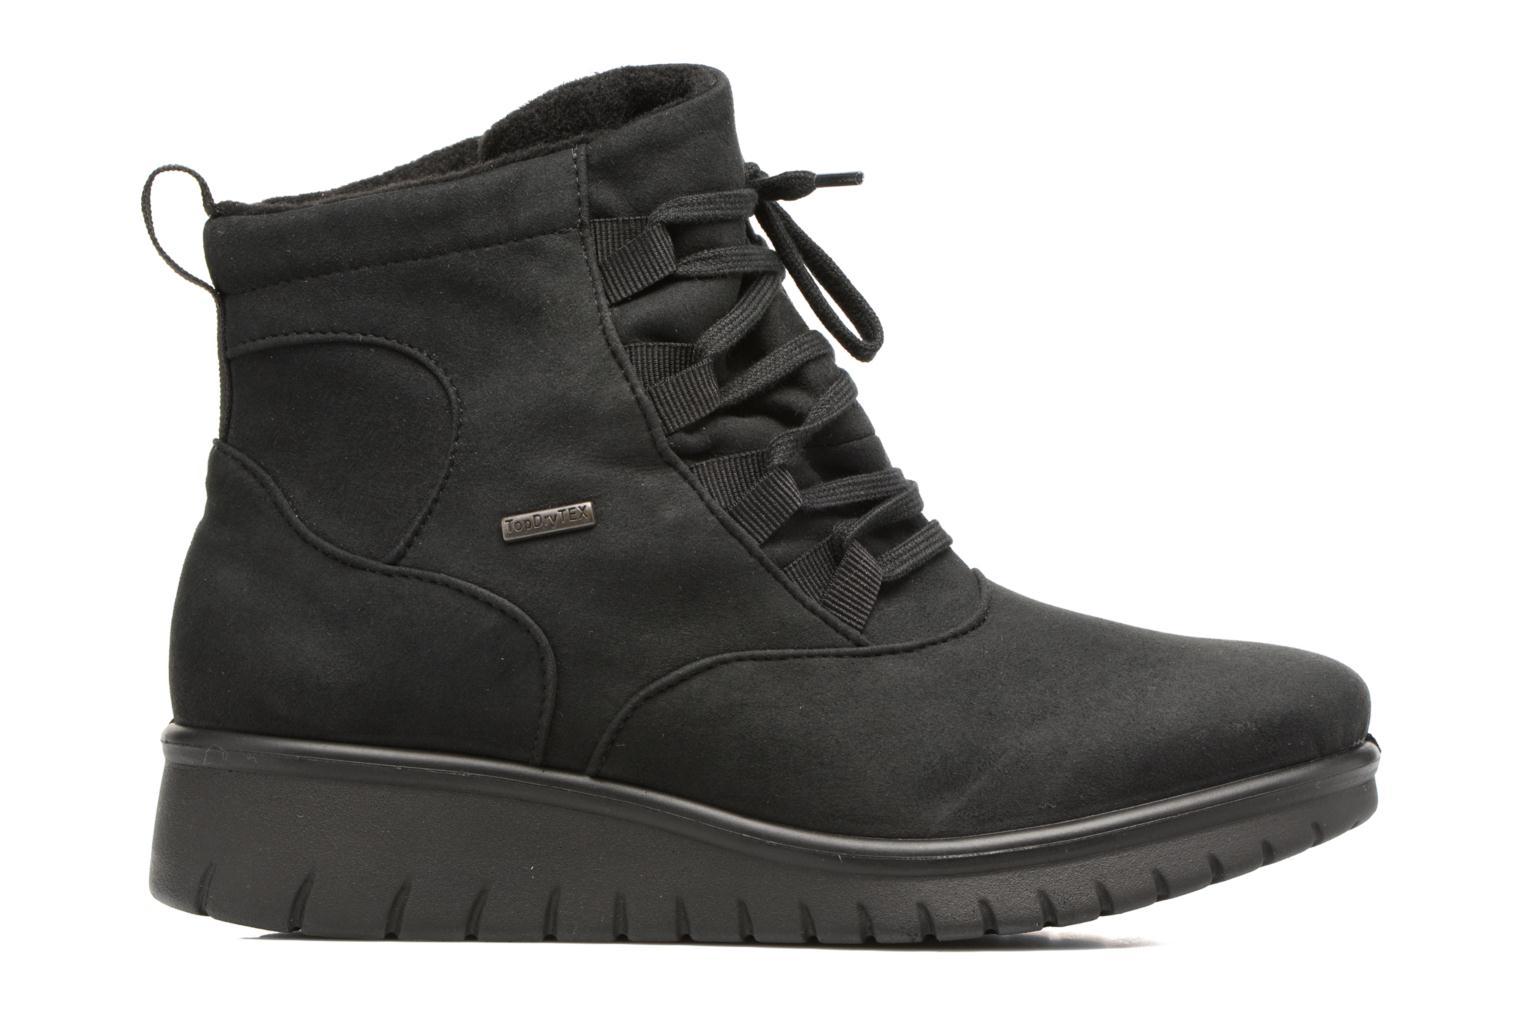 Bottines et boots Romika Varese N08 Noir vue derrière